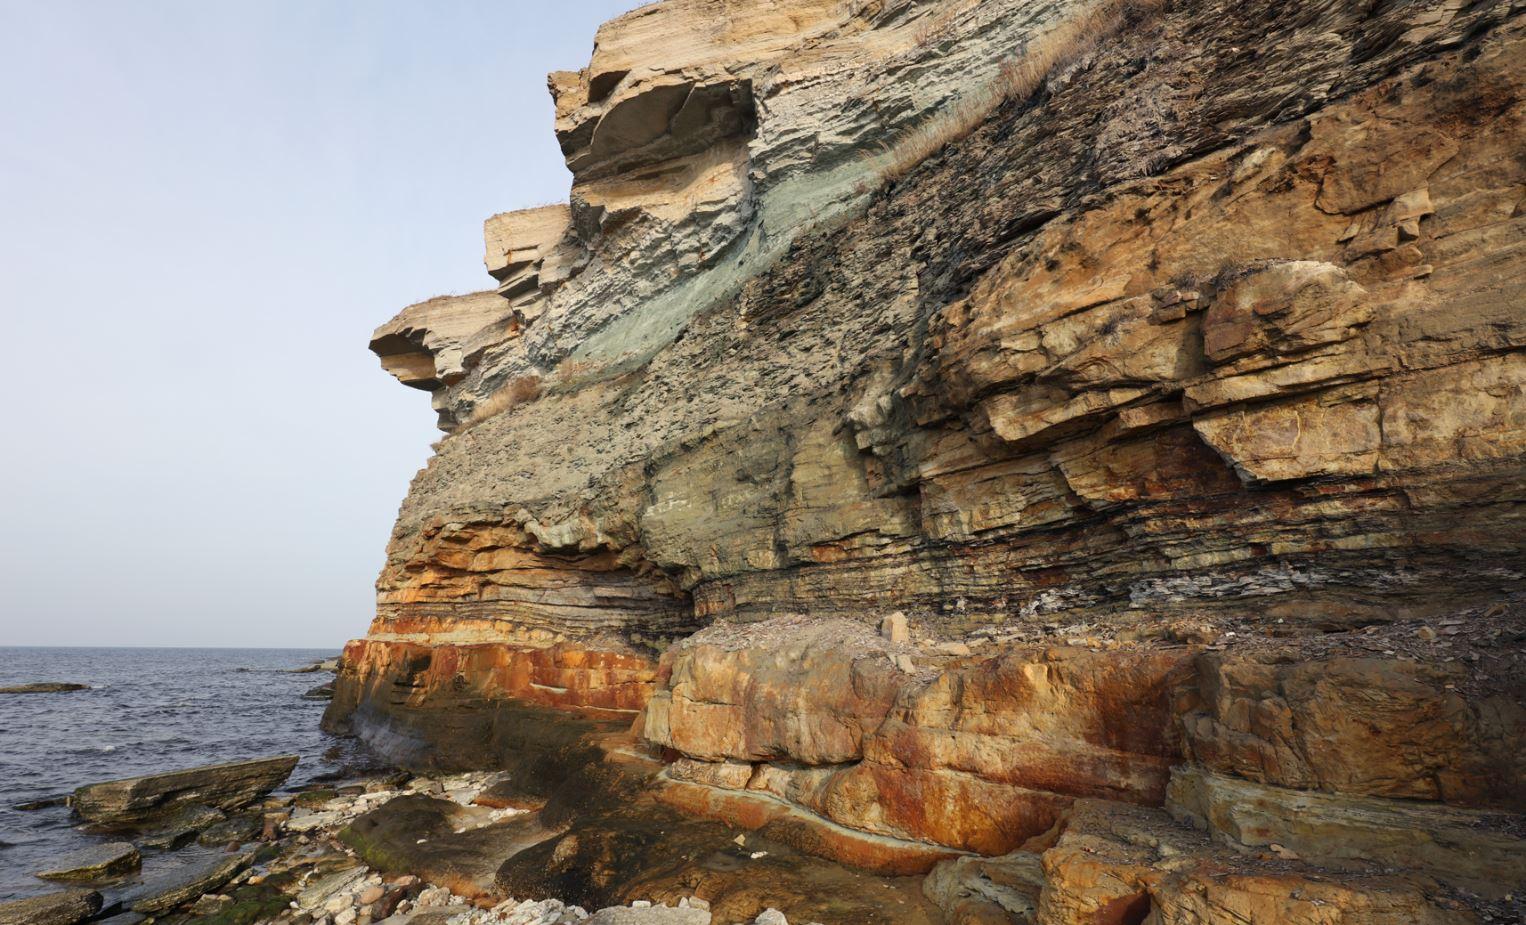 Pakri panga geoloogiline profiil. Keskosas (ordoviitsiumi lubjakivide all) on roheline glaukoniidi kiht tumepruuni graptoliitargilliidi peal. Foto: Olle Hints